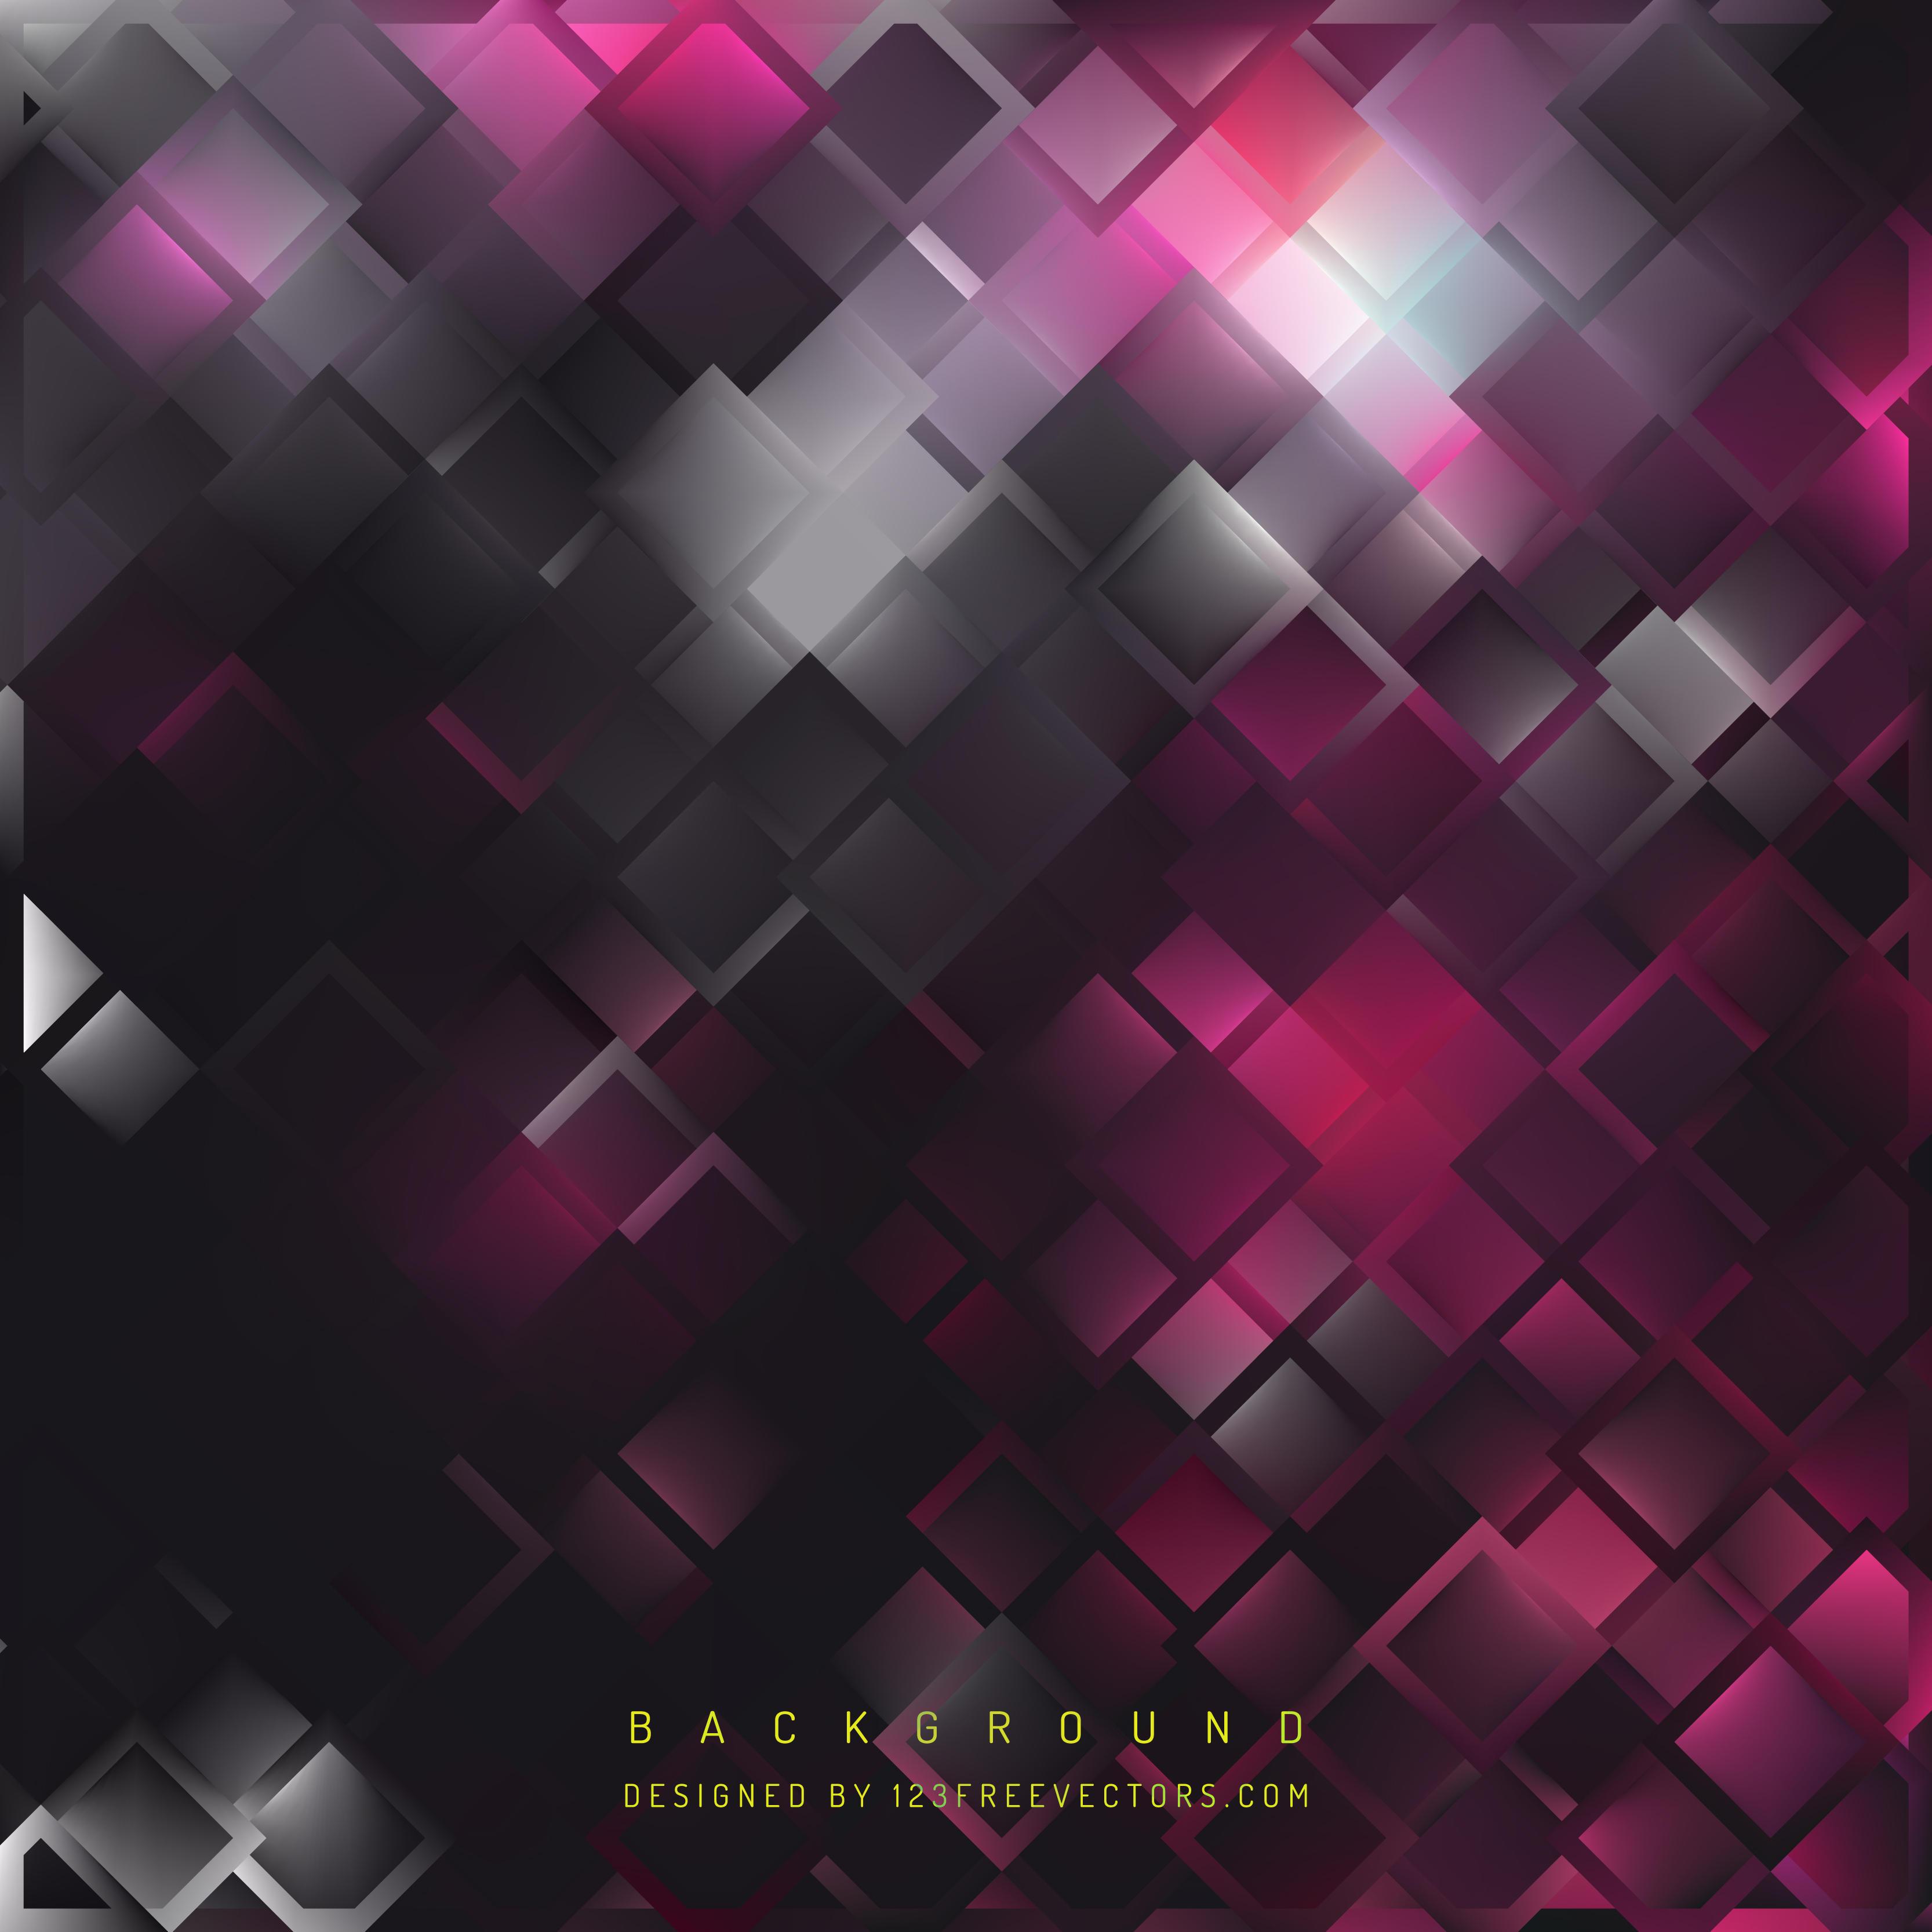 Black Pink Square Background DesignPink And Black Background Vector Designs